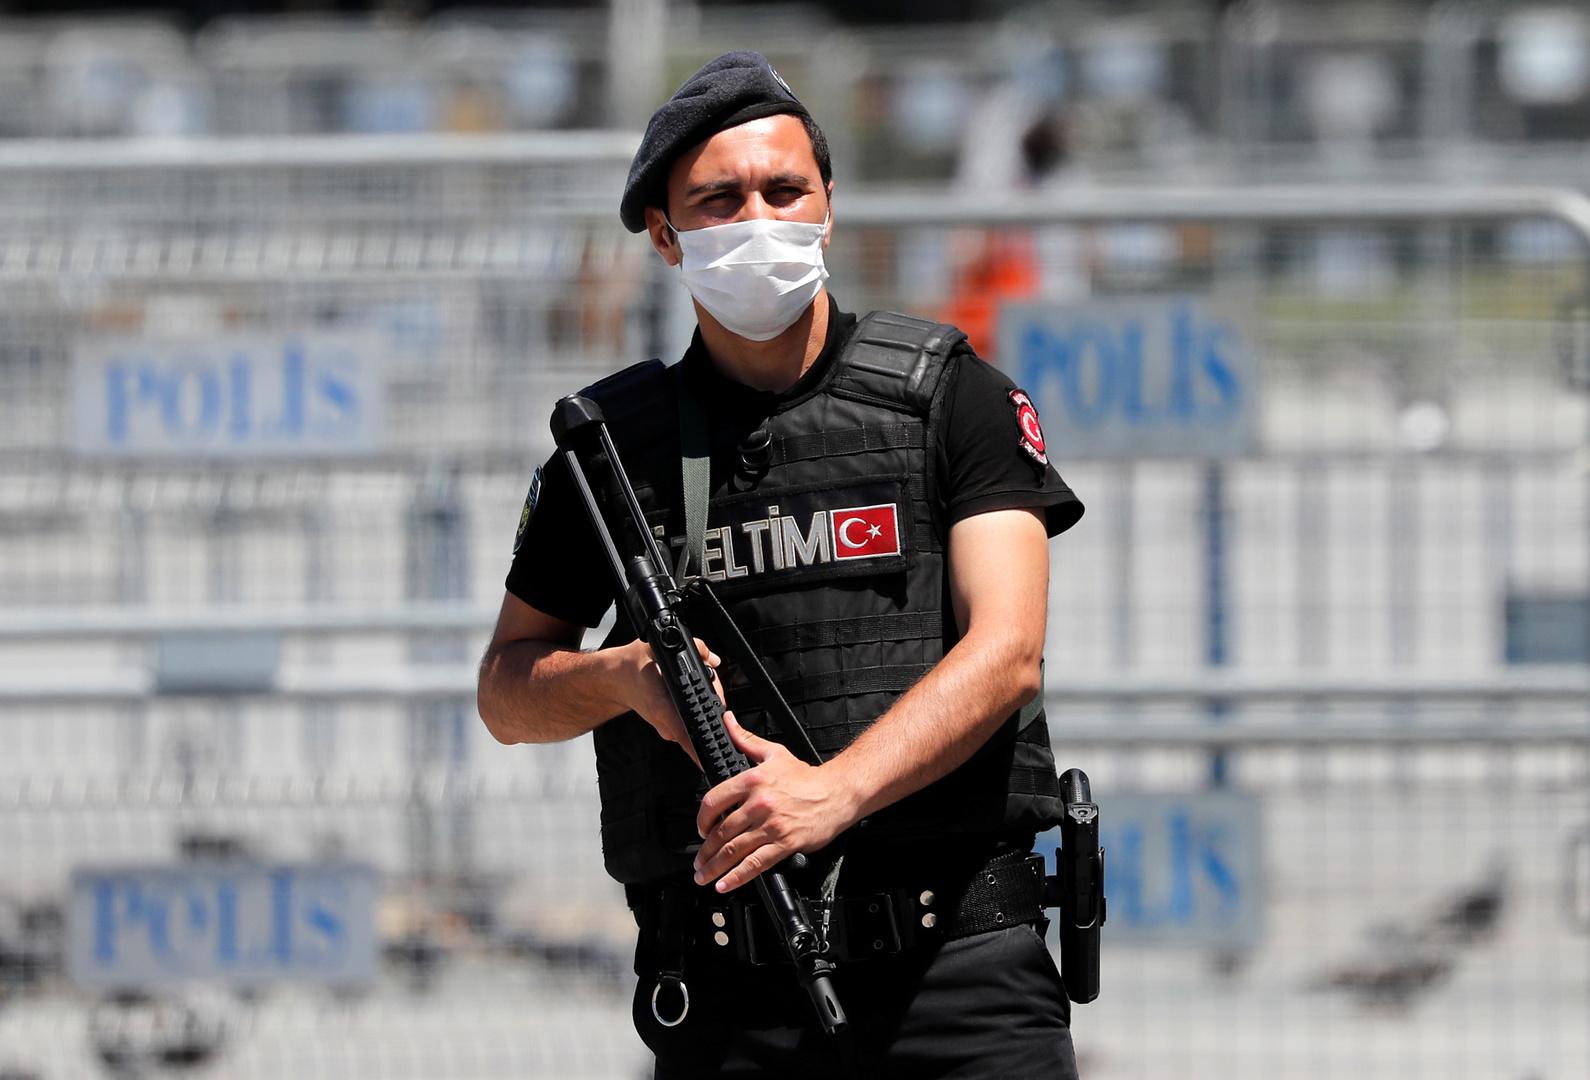 تركيا.. اعتقال 229 ألف شخص بجرائم مخدرات خلال 2020